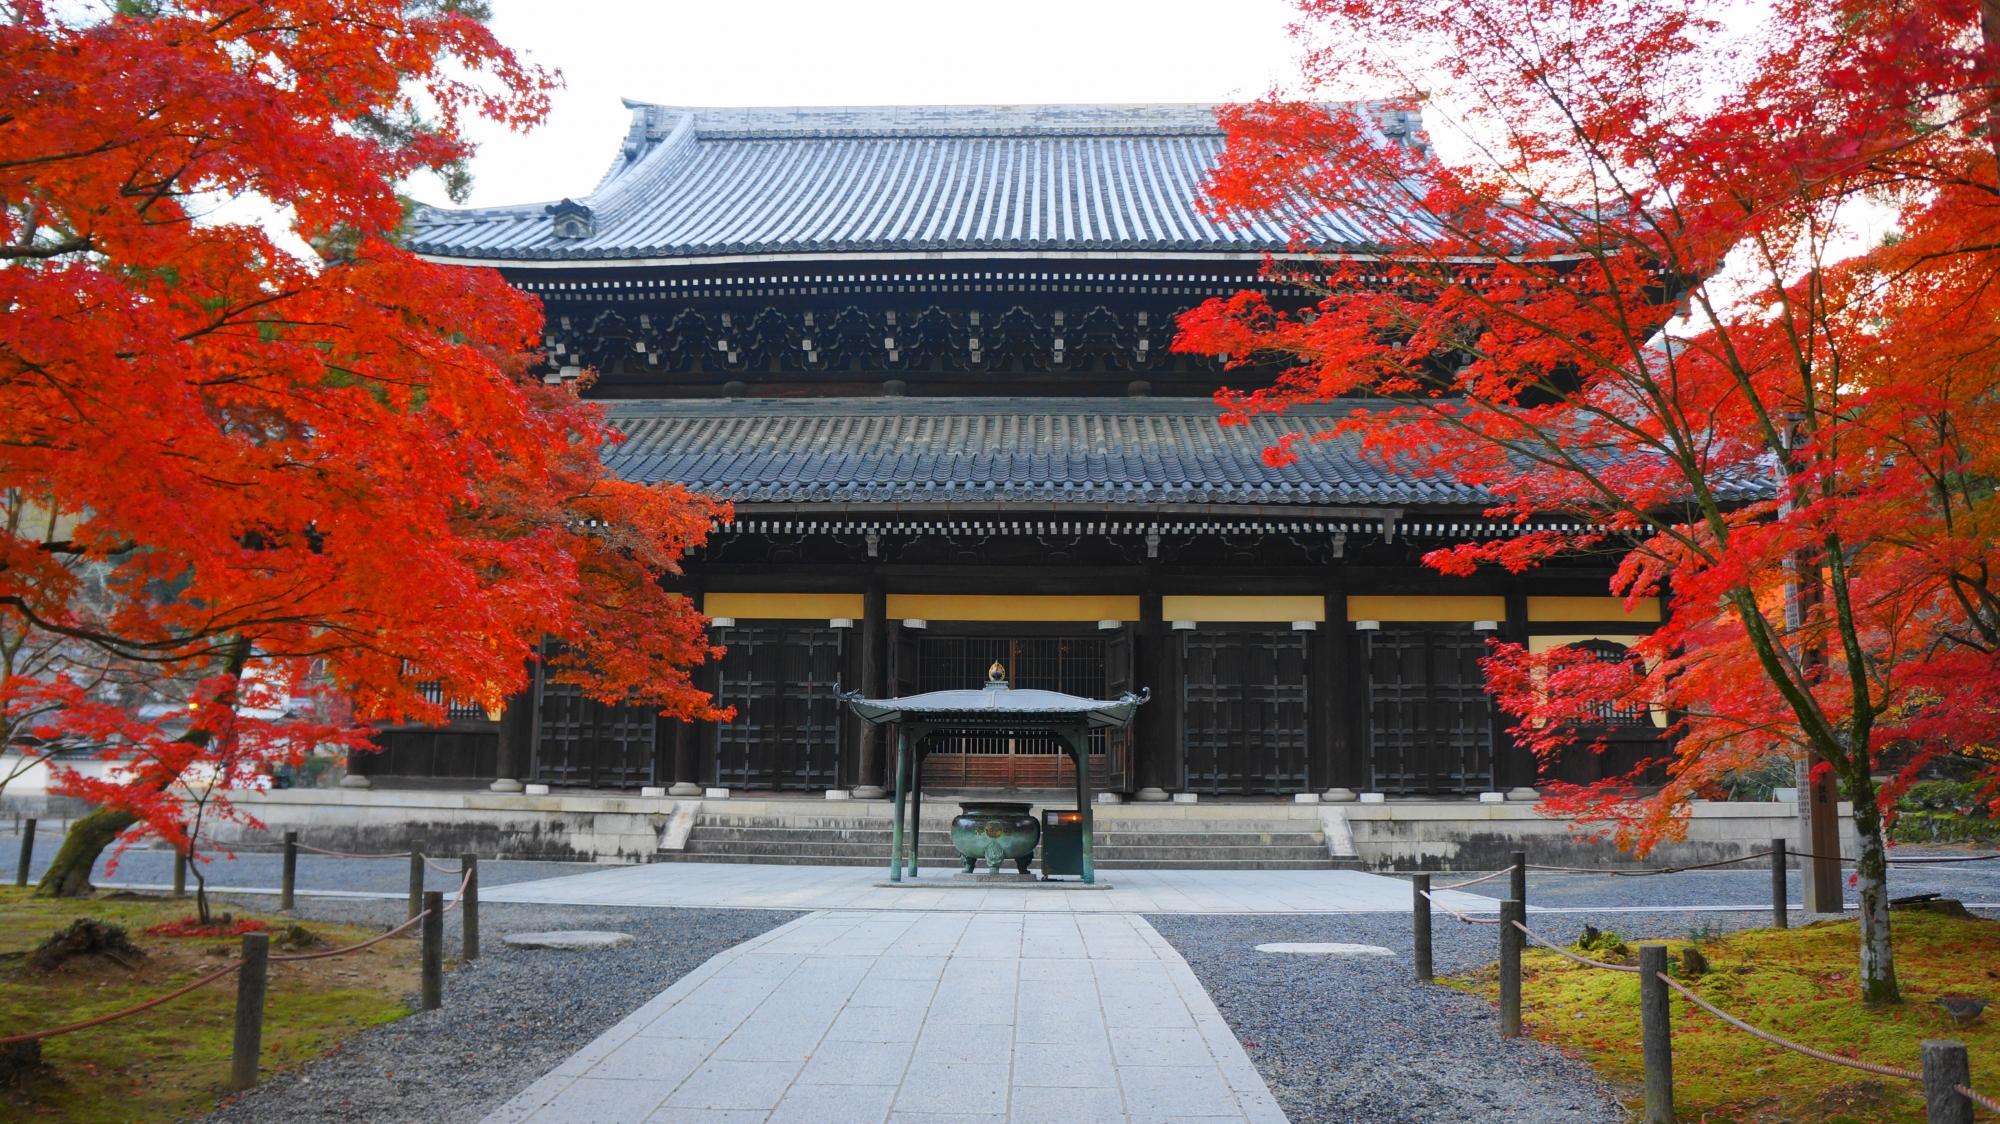 独特の色合いの南禅寺の法堂を染める鮮やかな紅葉